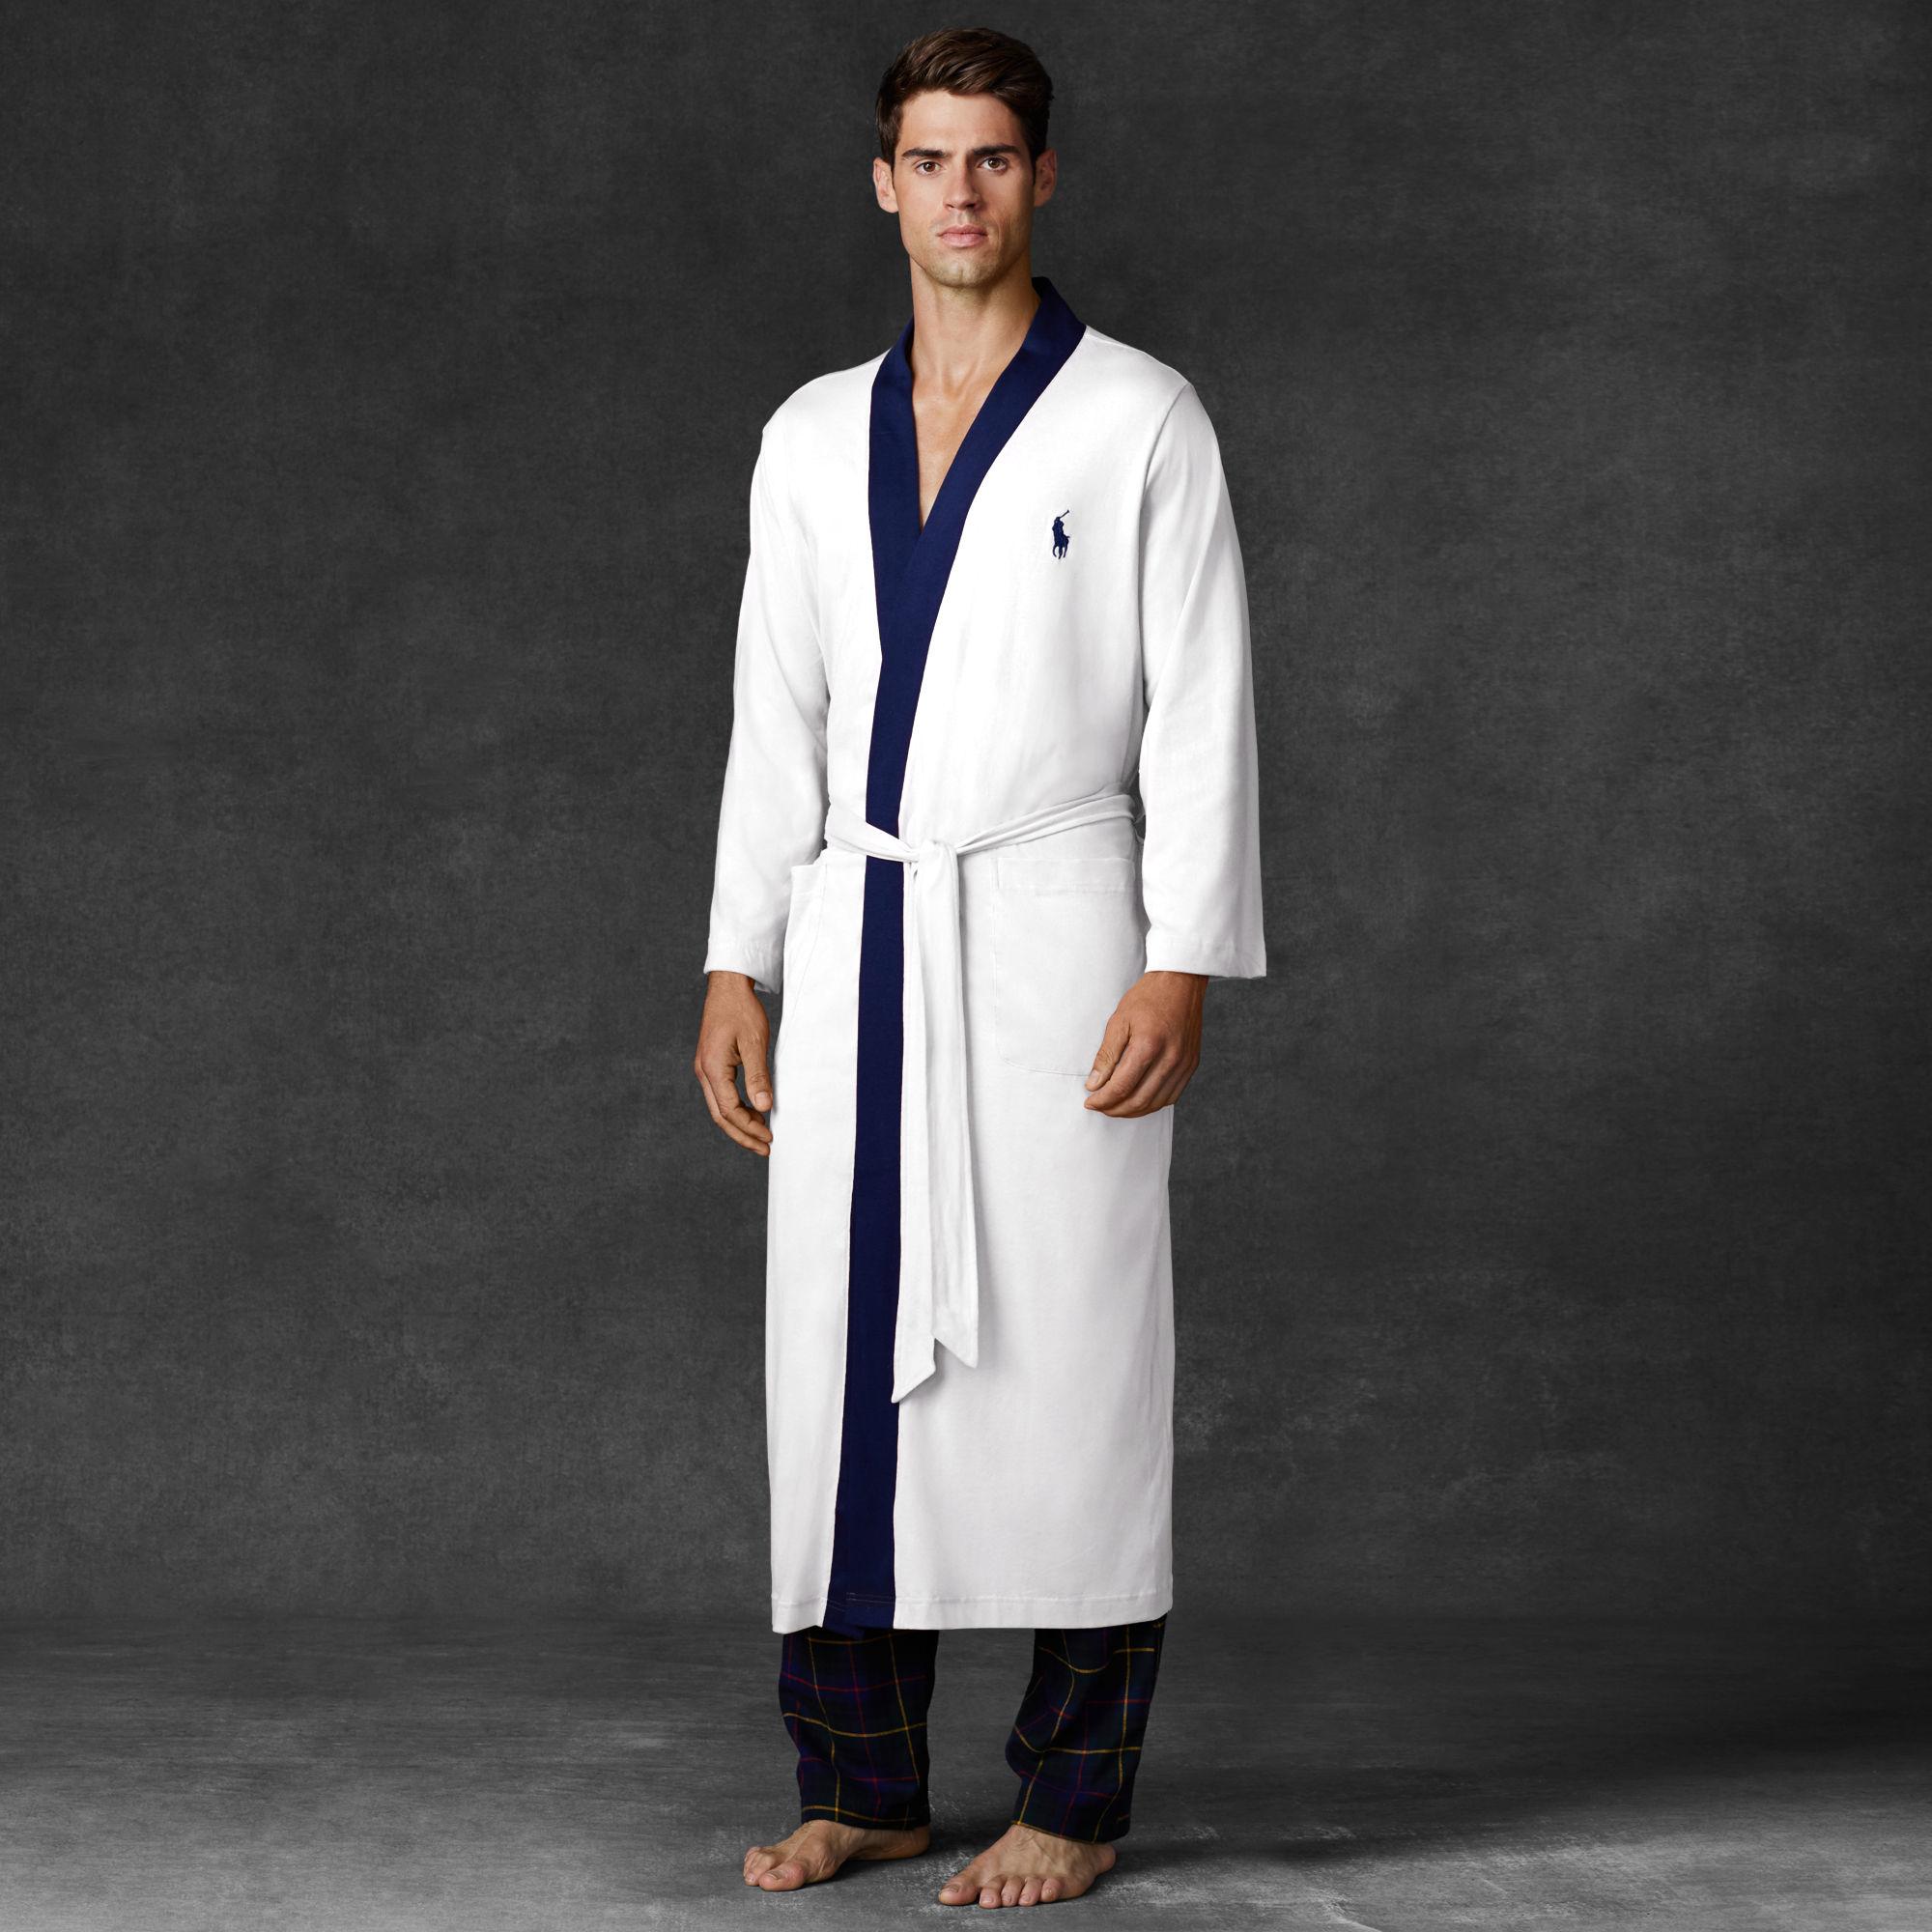 Ralph Lauren Mens Beach Towel: Polo Ralph Lauren Towelling Robe